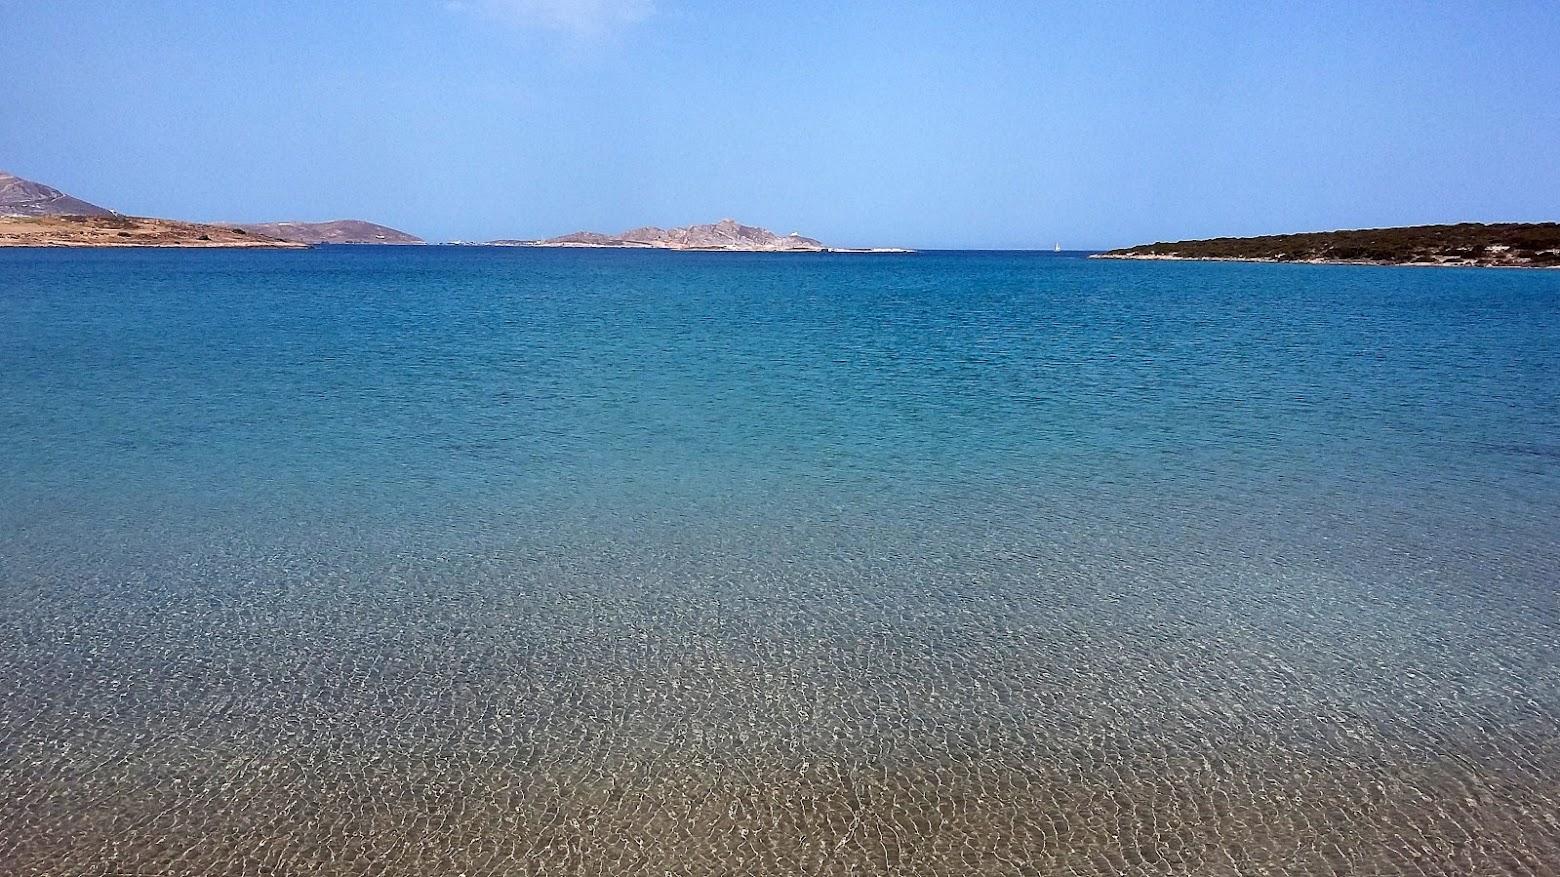 Spiaggia di Santa Maria Cosa vedere Paros le migliori spiagge